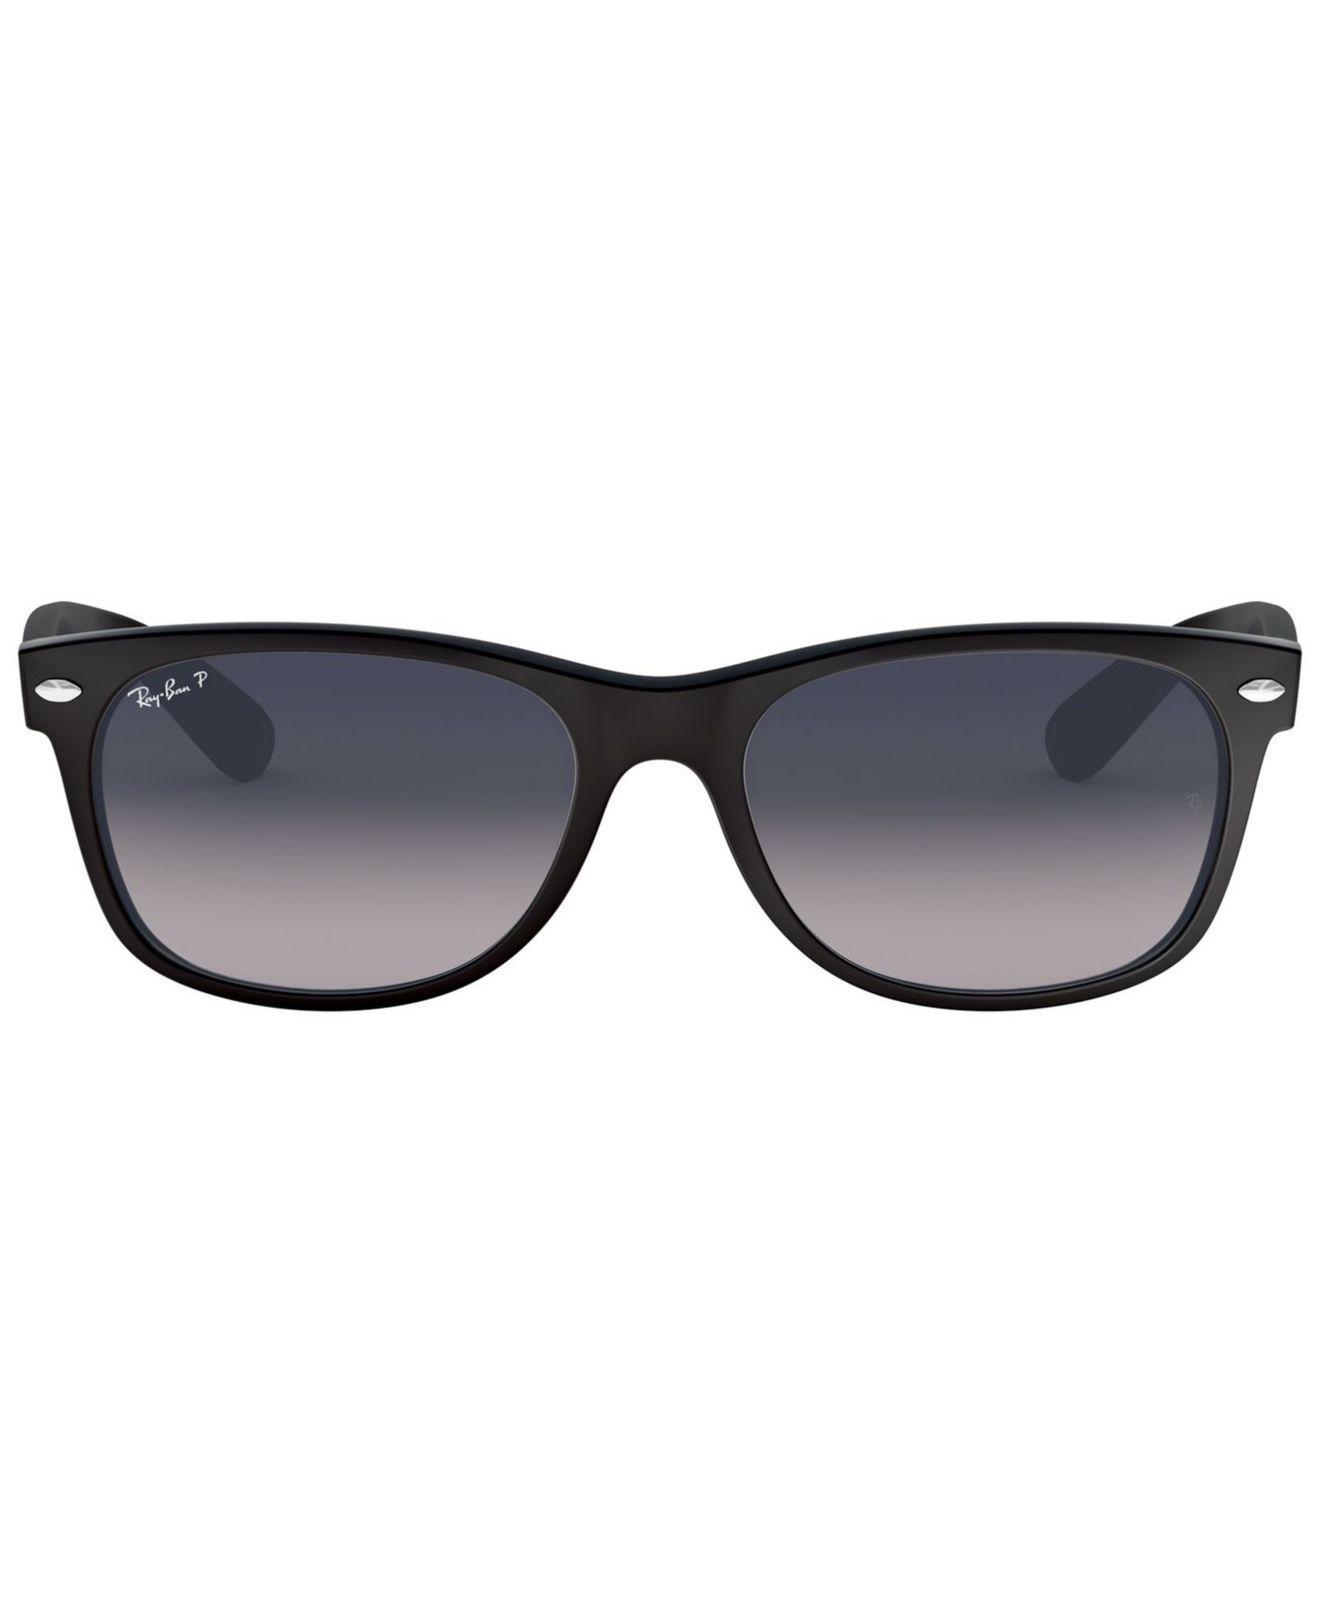 70c1ddcfcb Lyst - Ray-Ban Polarized Sunglasses